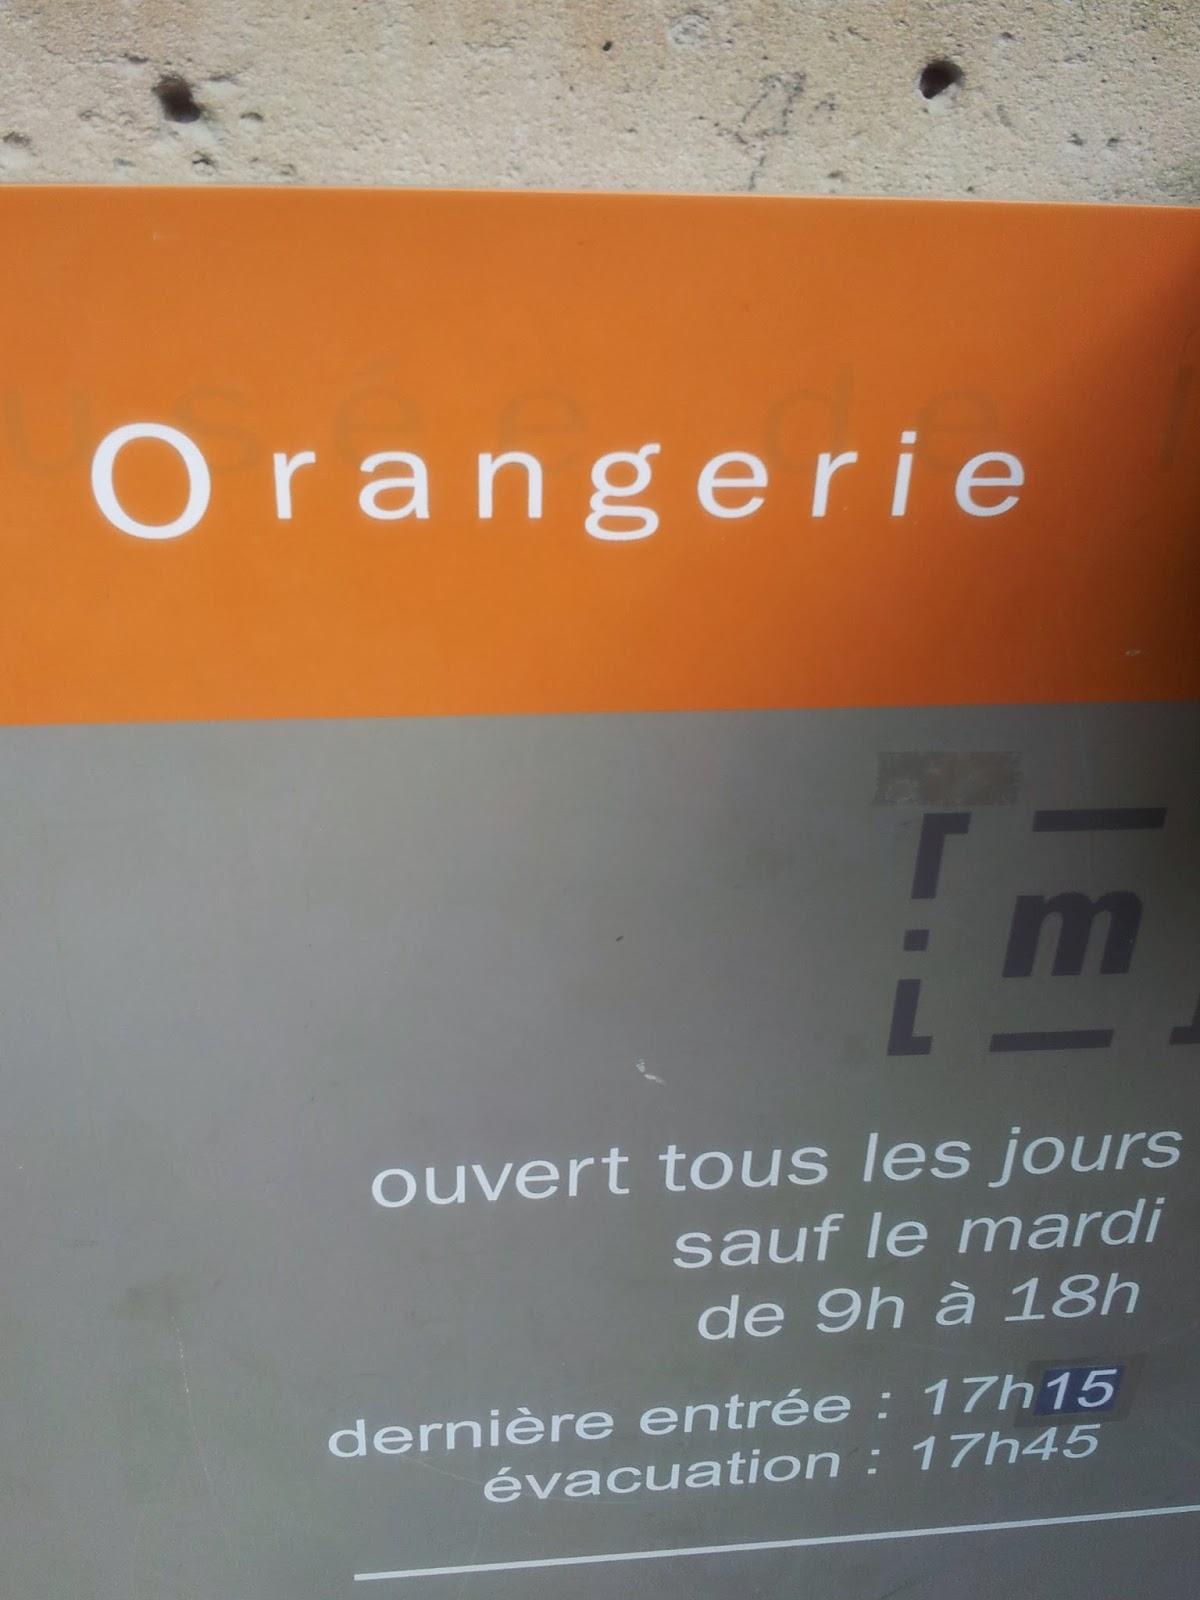 Orangerie museum sign, Paris